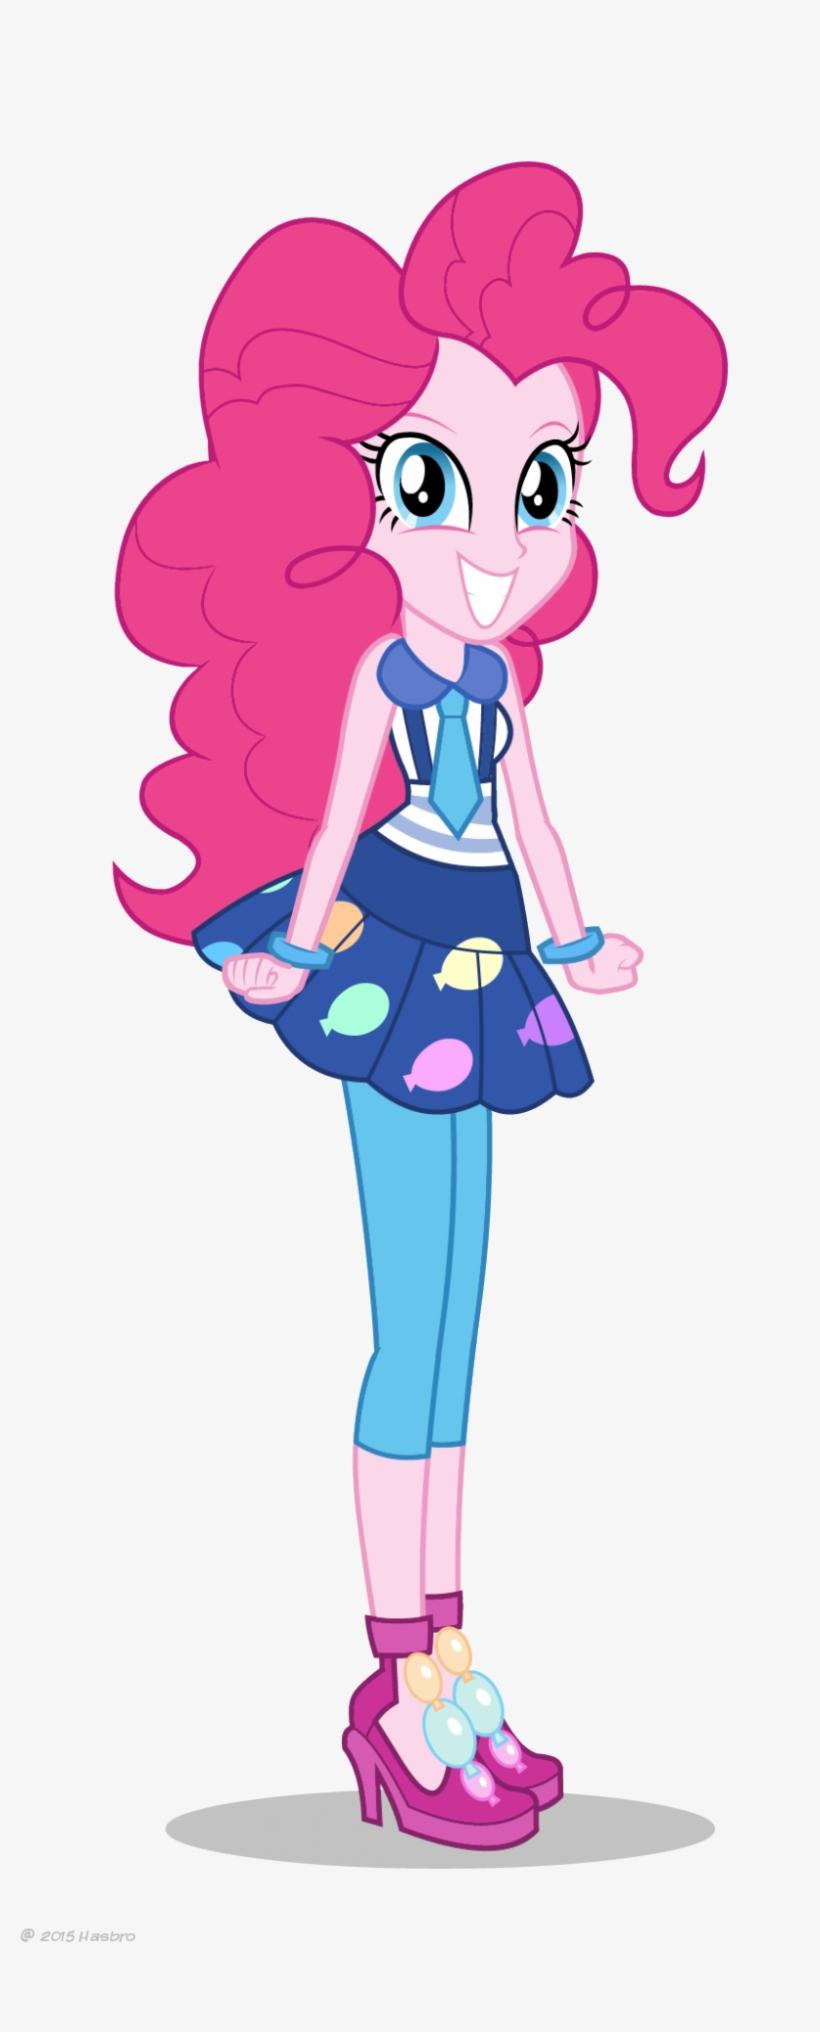 Friendship Games Pinkie Pie School Spirit Artwork - My Little Pony Pinkie Pie Equestria Girl, transparent png #748690